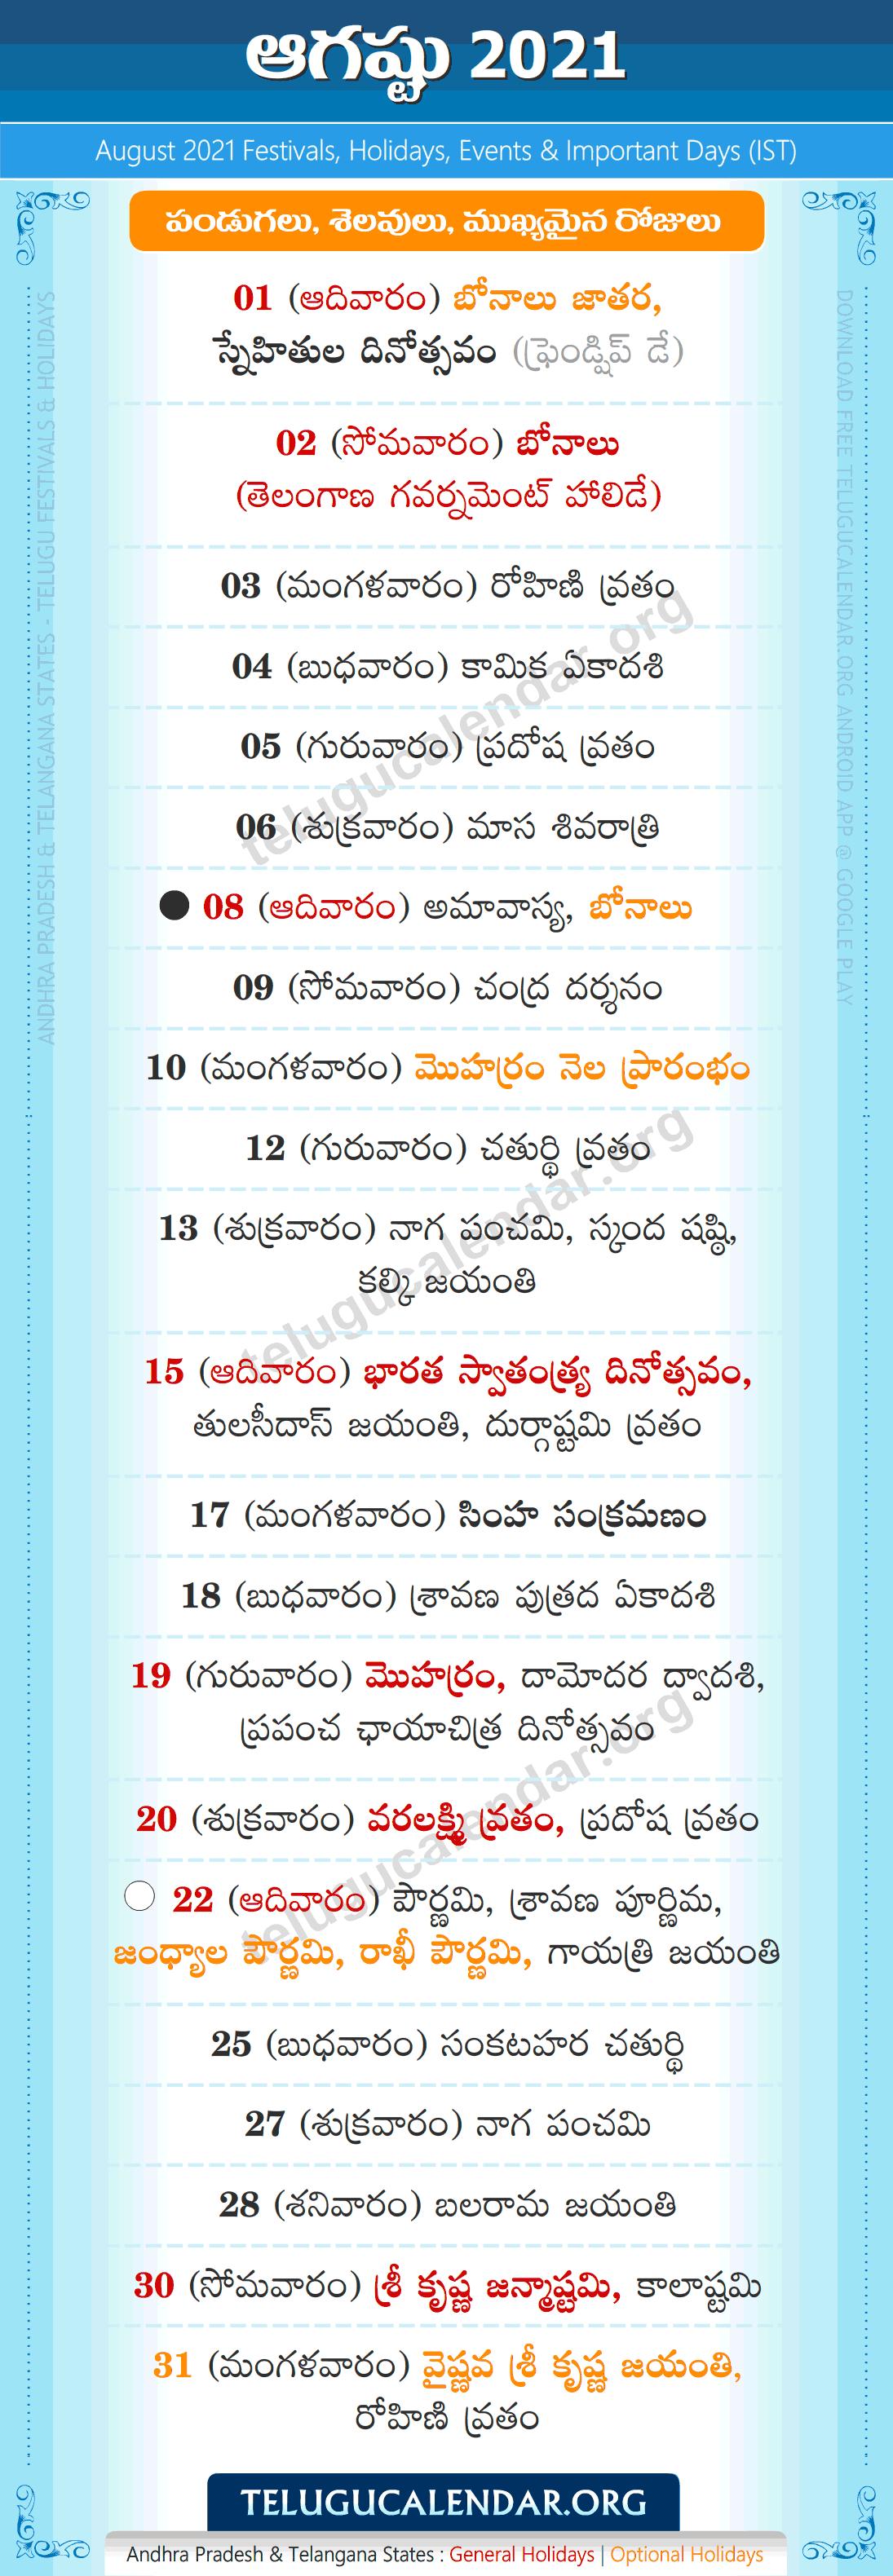 Telugu Calendar 2022 August.Telugu Festivals 2021 August